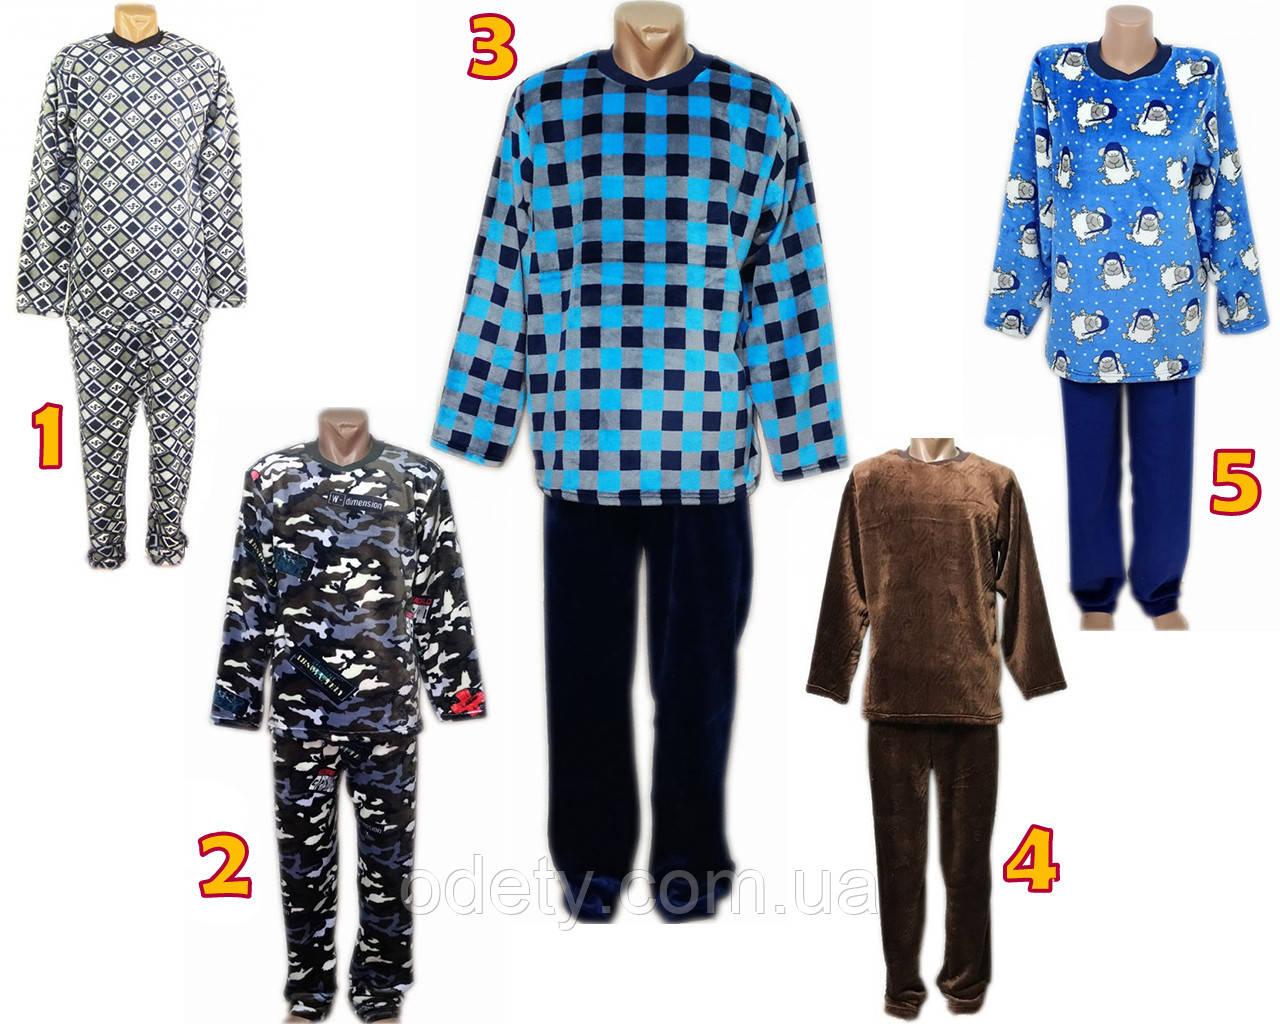 Мужская пижама теплая. Махровая мужская пижама. Теплая мужская пижама -  Интернет-магазин одежды 99dcfa3f85d41